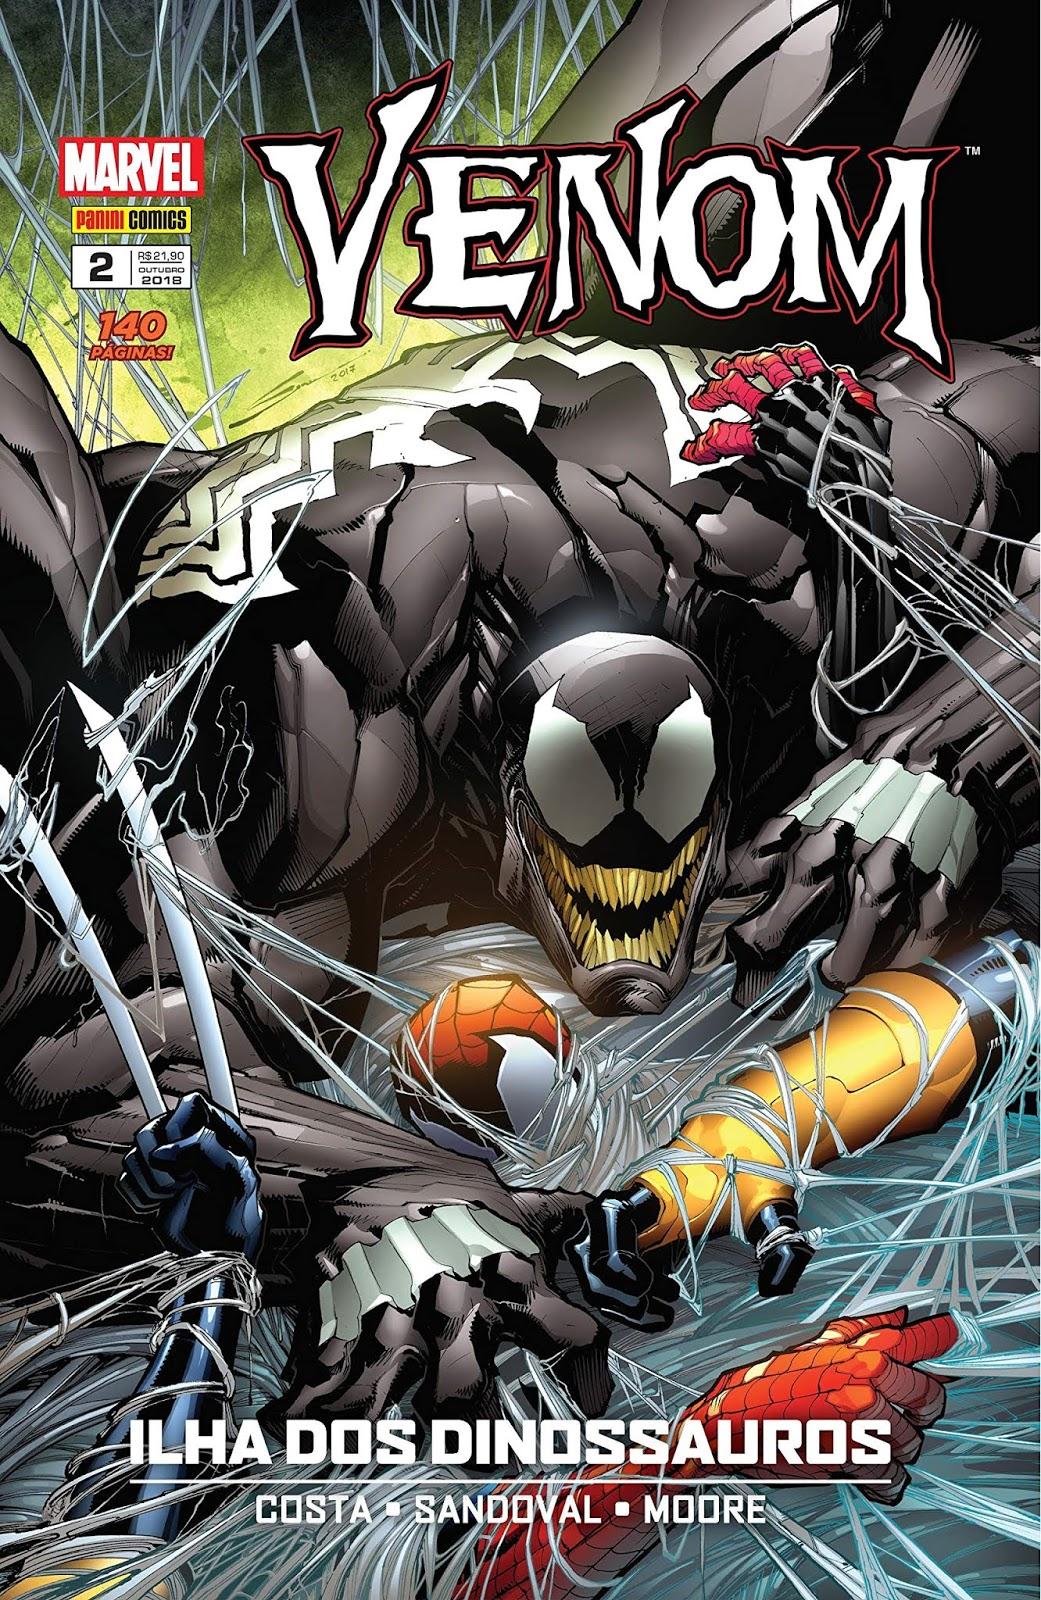 Capa do encadernado Venom #2 por Gerardo Sandoval.